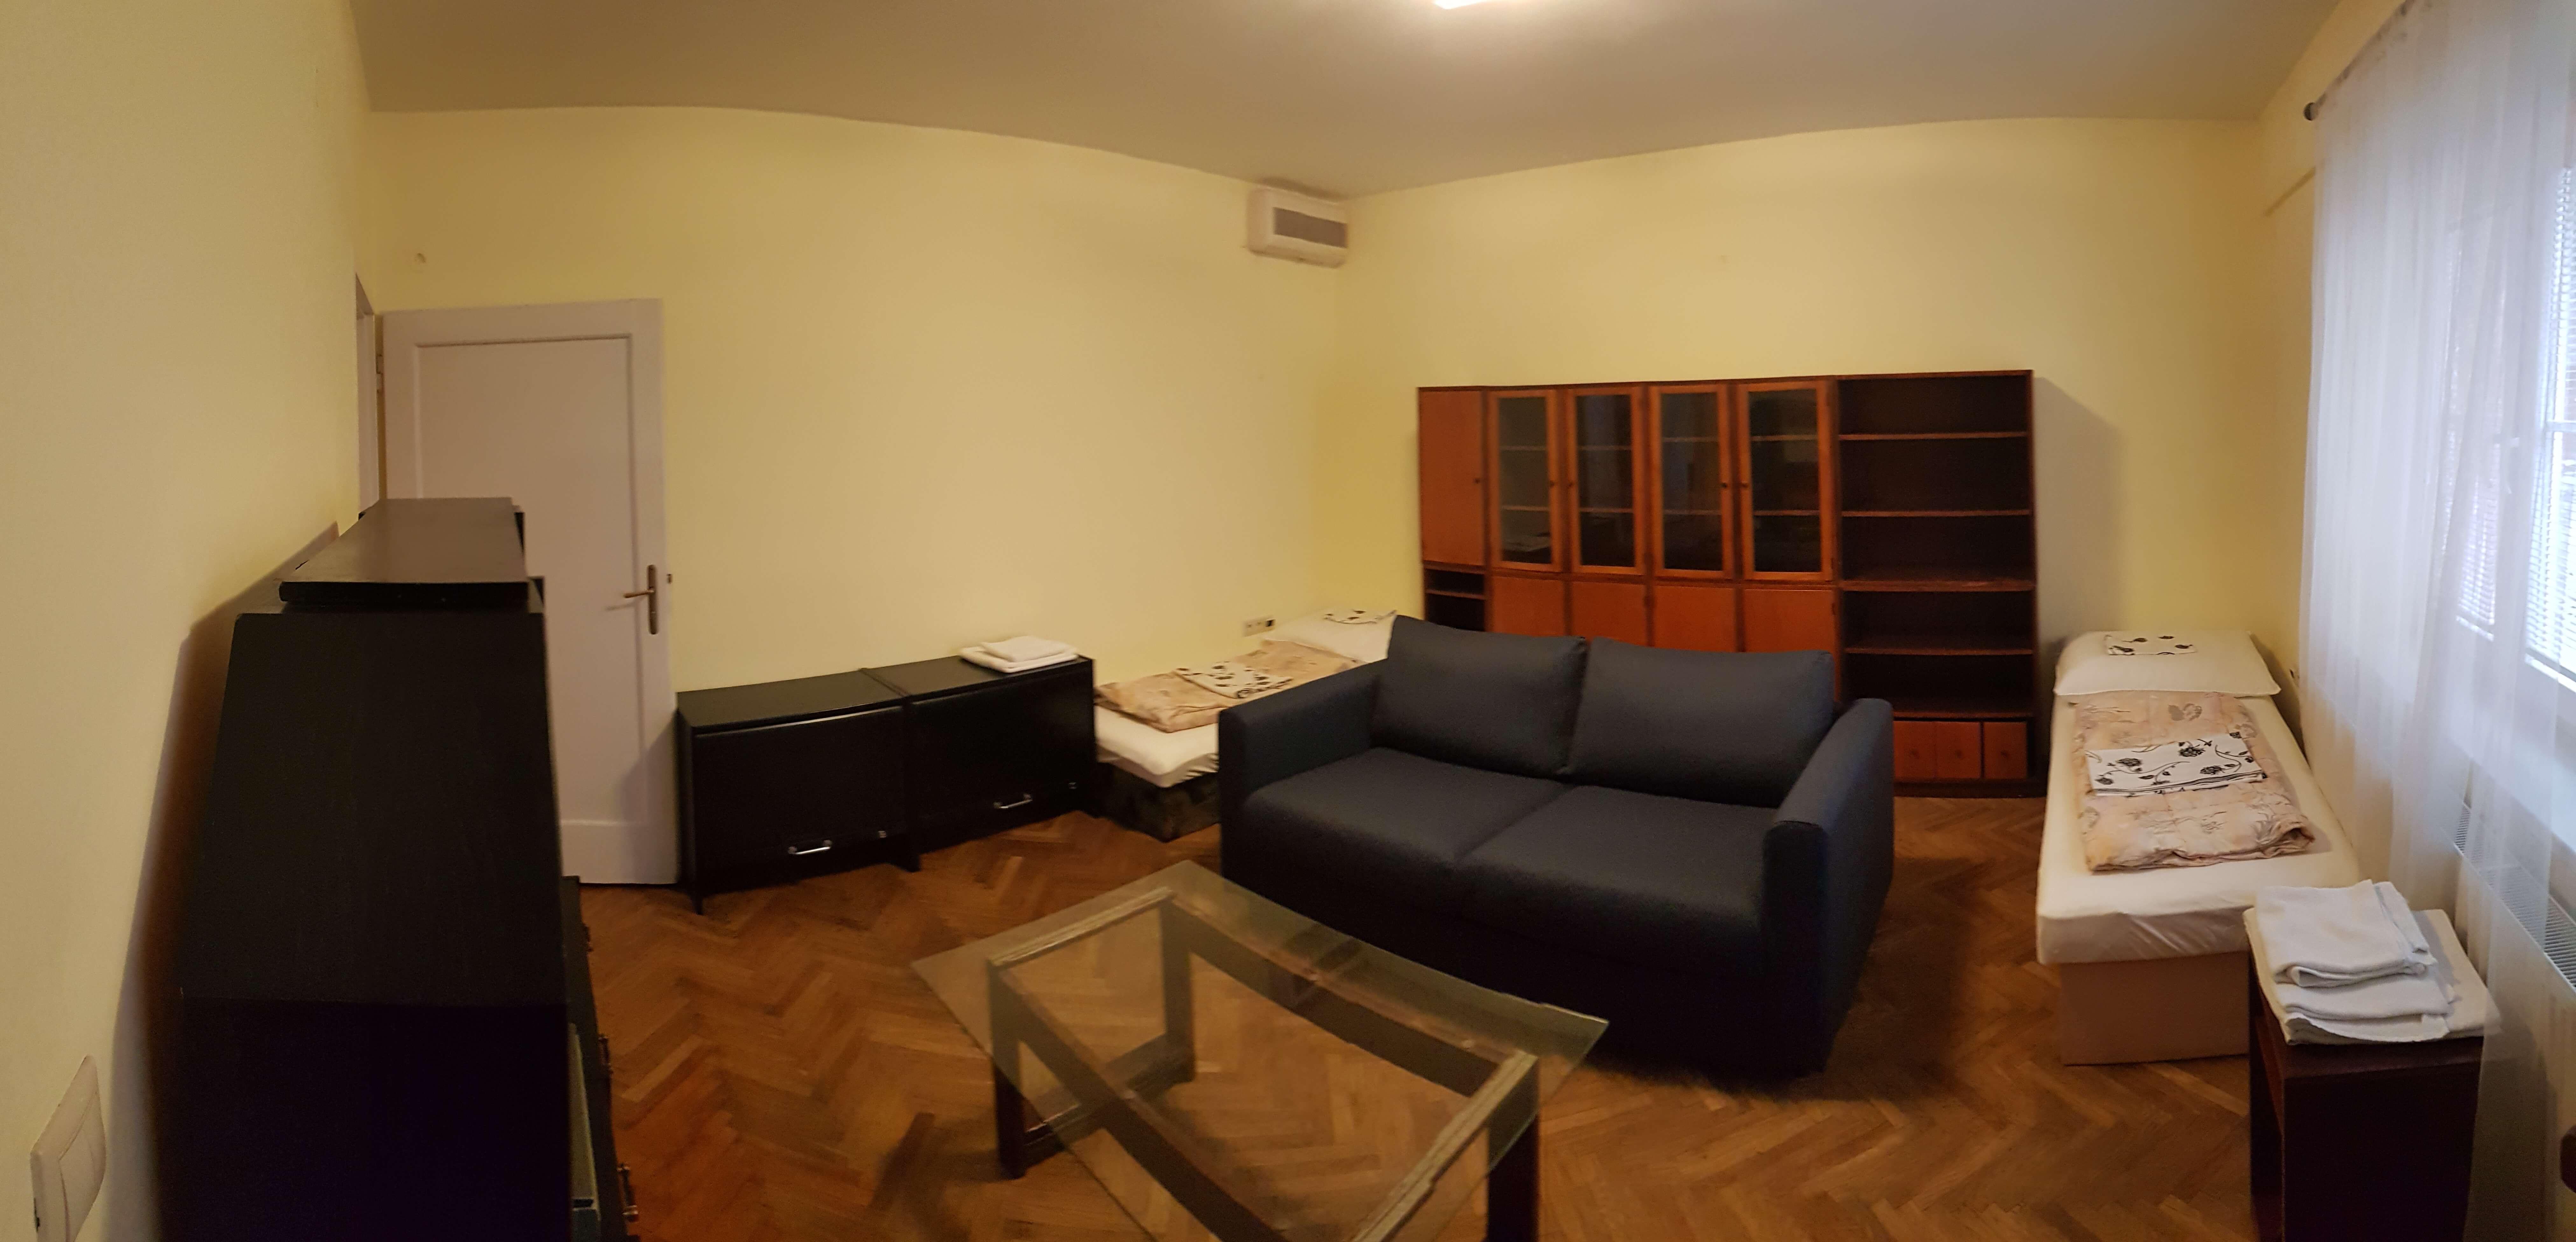 Prenájom jednej izby v 2 izb. byte, staré mesto, Šancová ulica, Bratislava, 80m2, zariadený-12